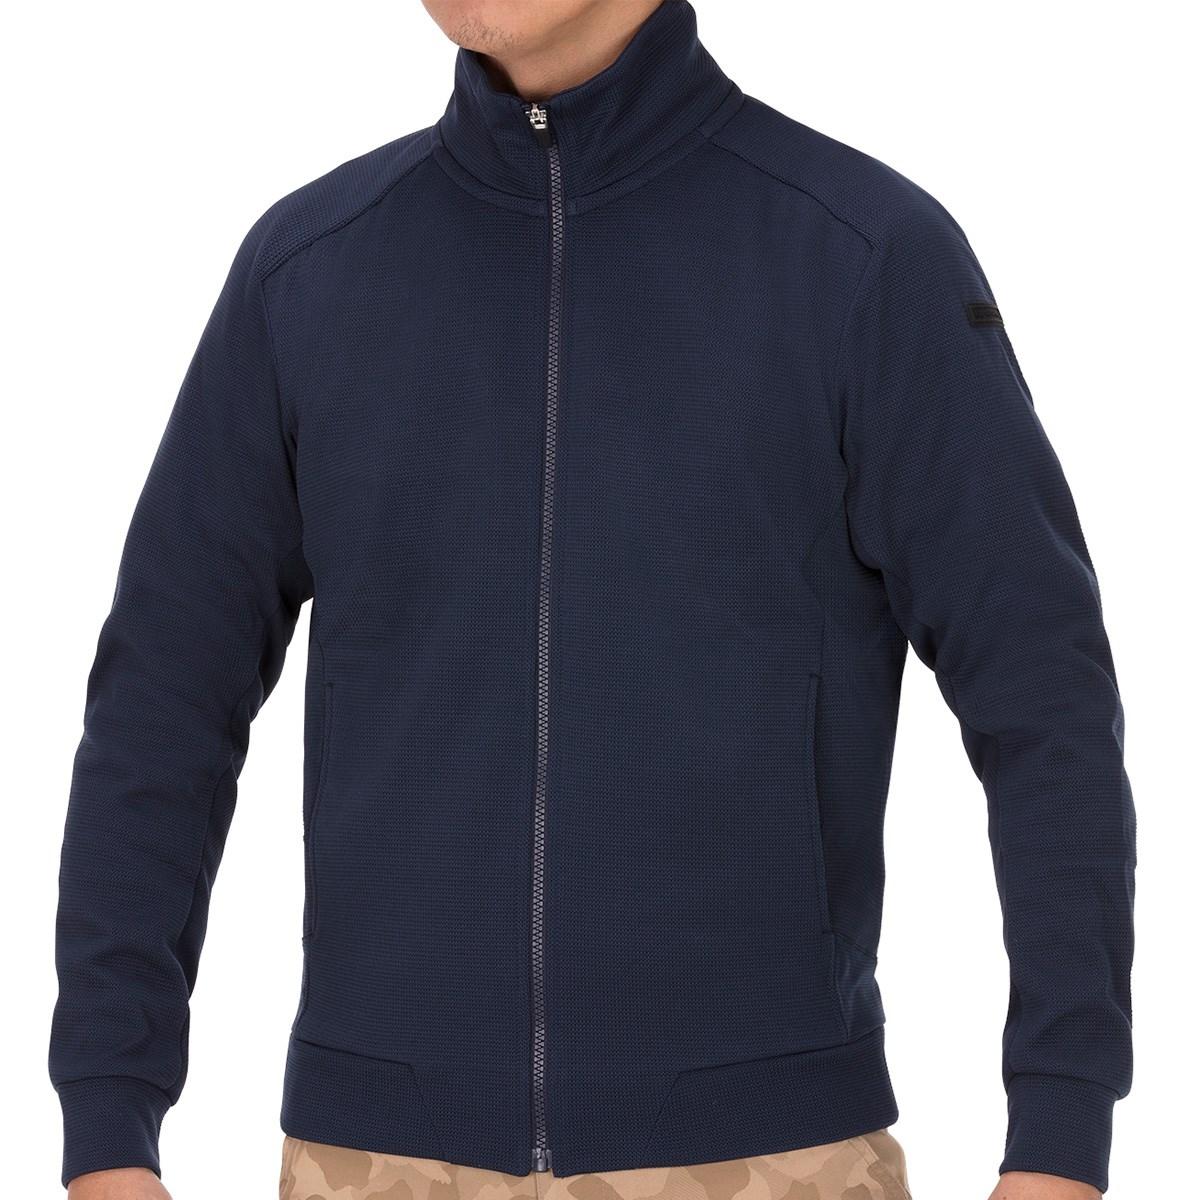 GDO オリジナル フルジップ防風ニットジャケット